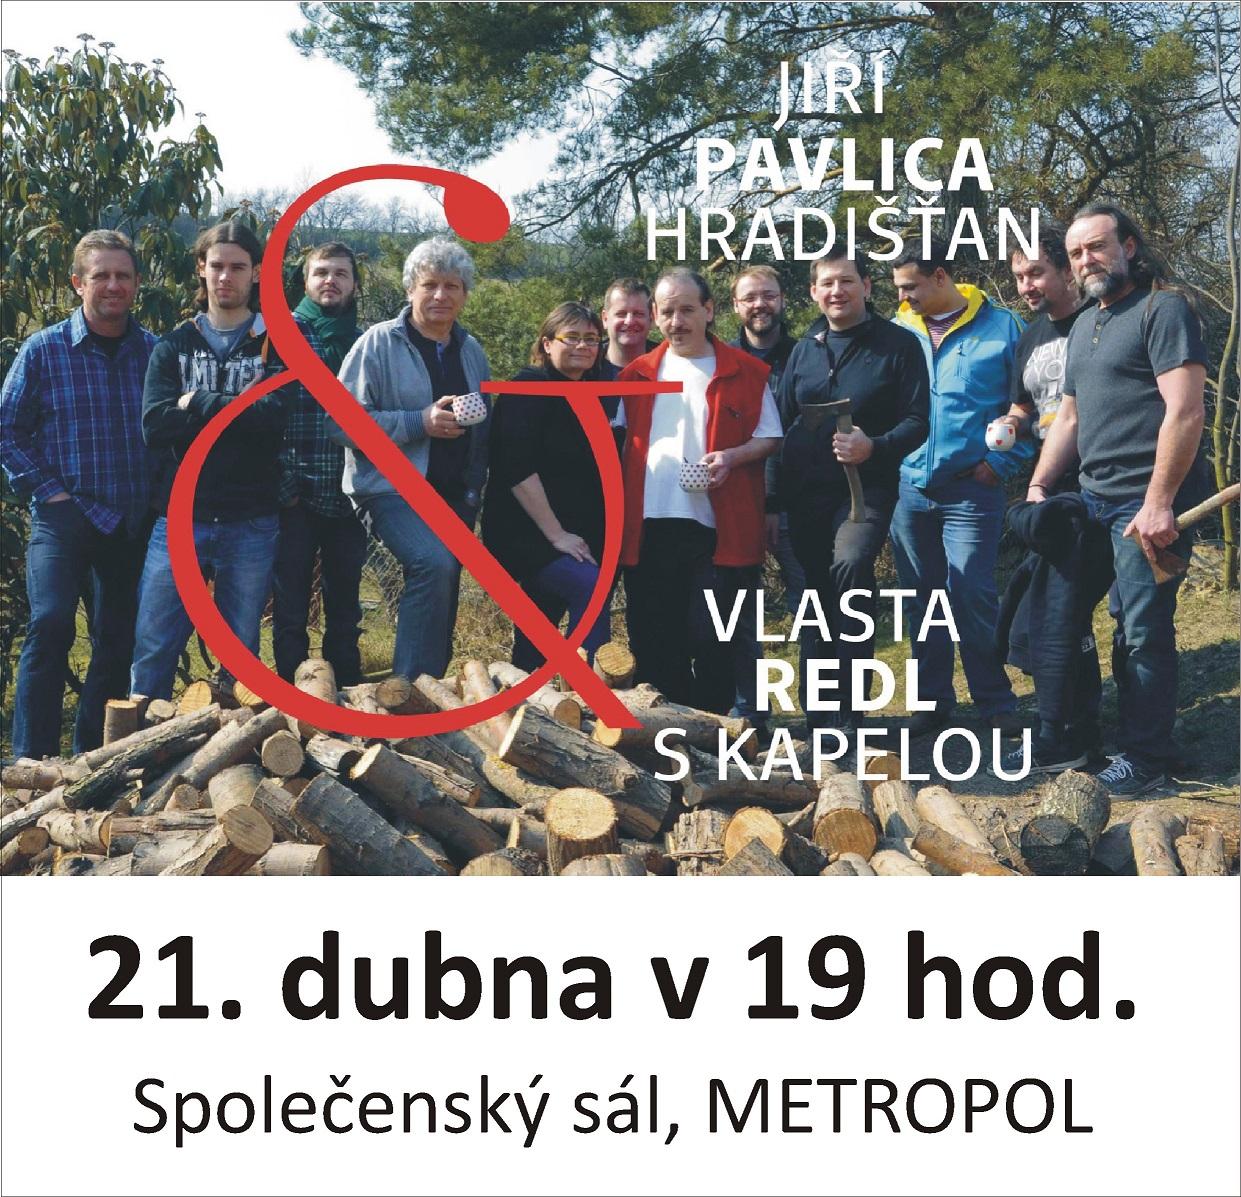 Jiří Pavlica & Hradišťan & Vlasta Redl s kapelou České Budějovice